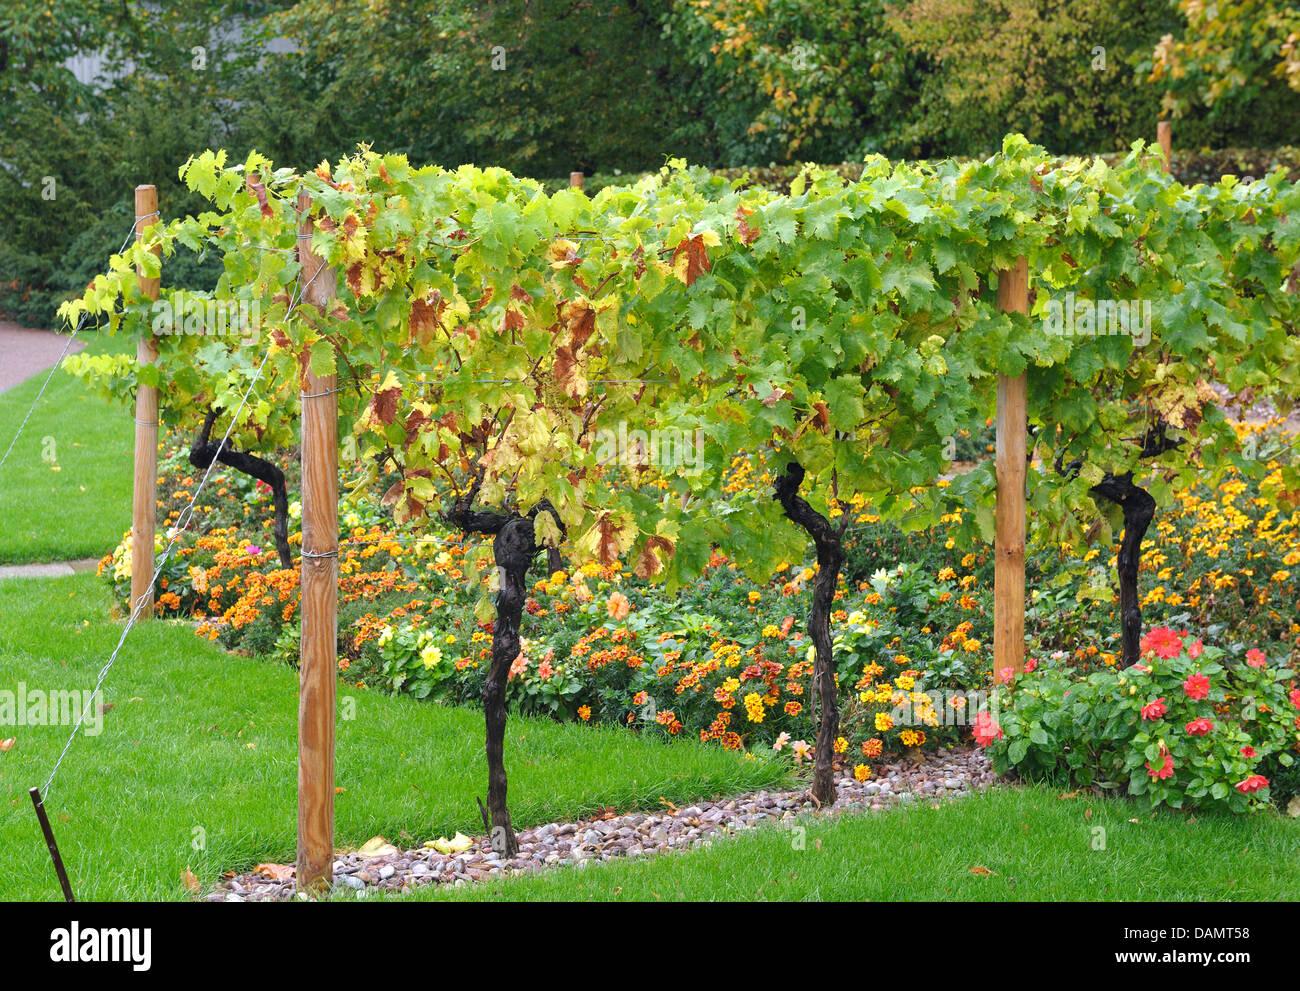 Vitigno, vite (Vitis vinifera), vite spalliera, Germania Immagini Stock